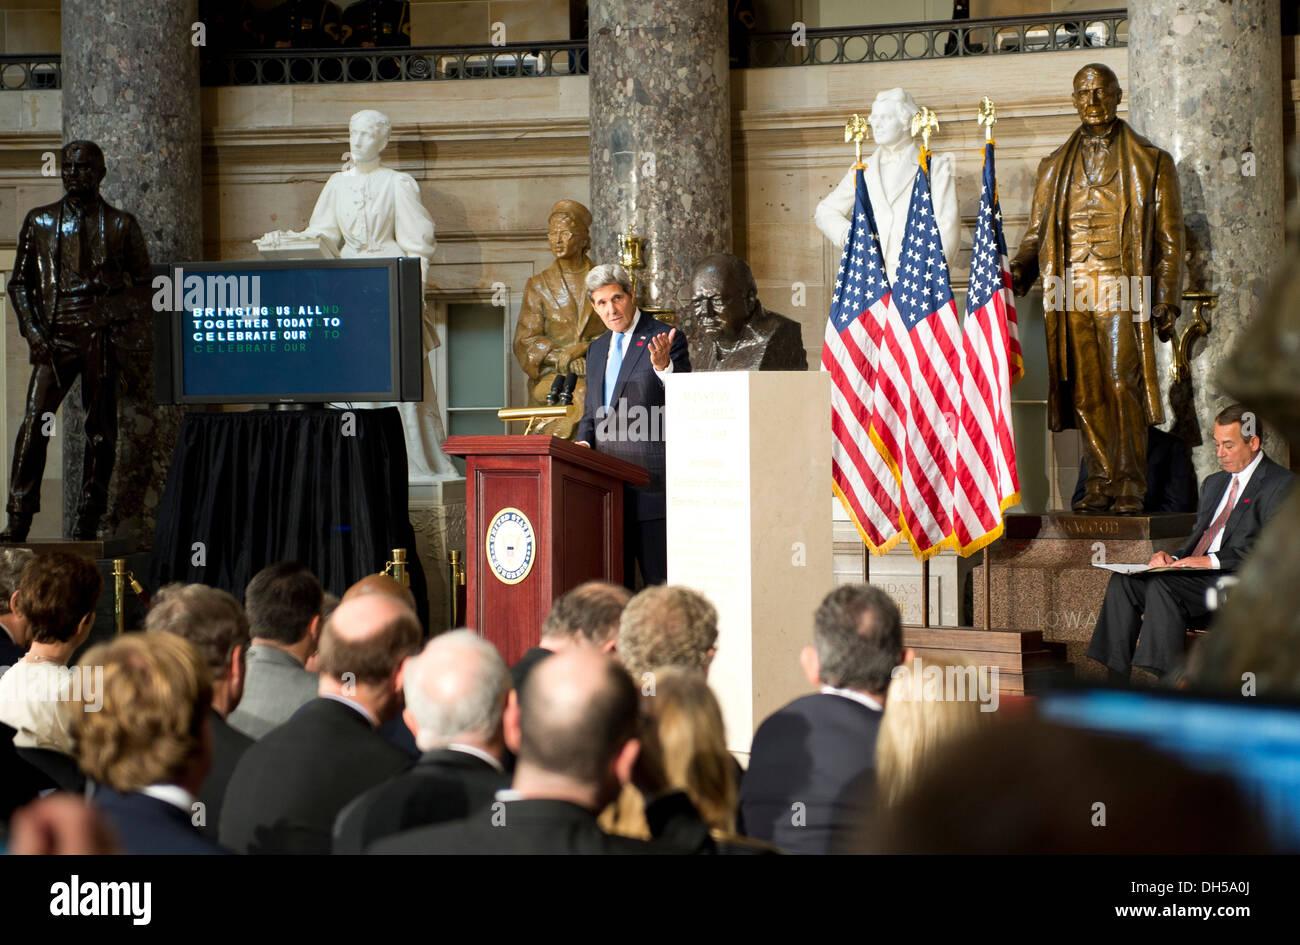 El Secretario de Estado de Estados Unidos, John Kerry ofrece comentarios en la dedicación de un busto de Winston Churchill en el Capitolio de los Estados Unidos en Washington, D.C., el 30 de octubre, 2013. El busto está colocado en virtud de la resolución 497, la cual fue redactada por el Orador de la cámara Joh Foto de stock